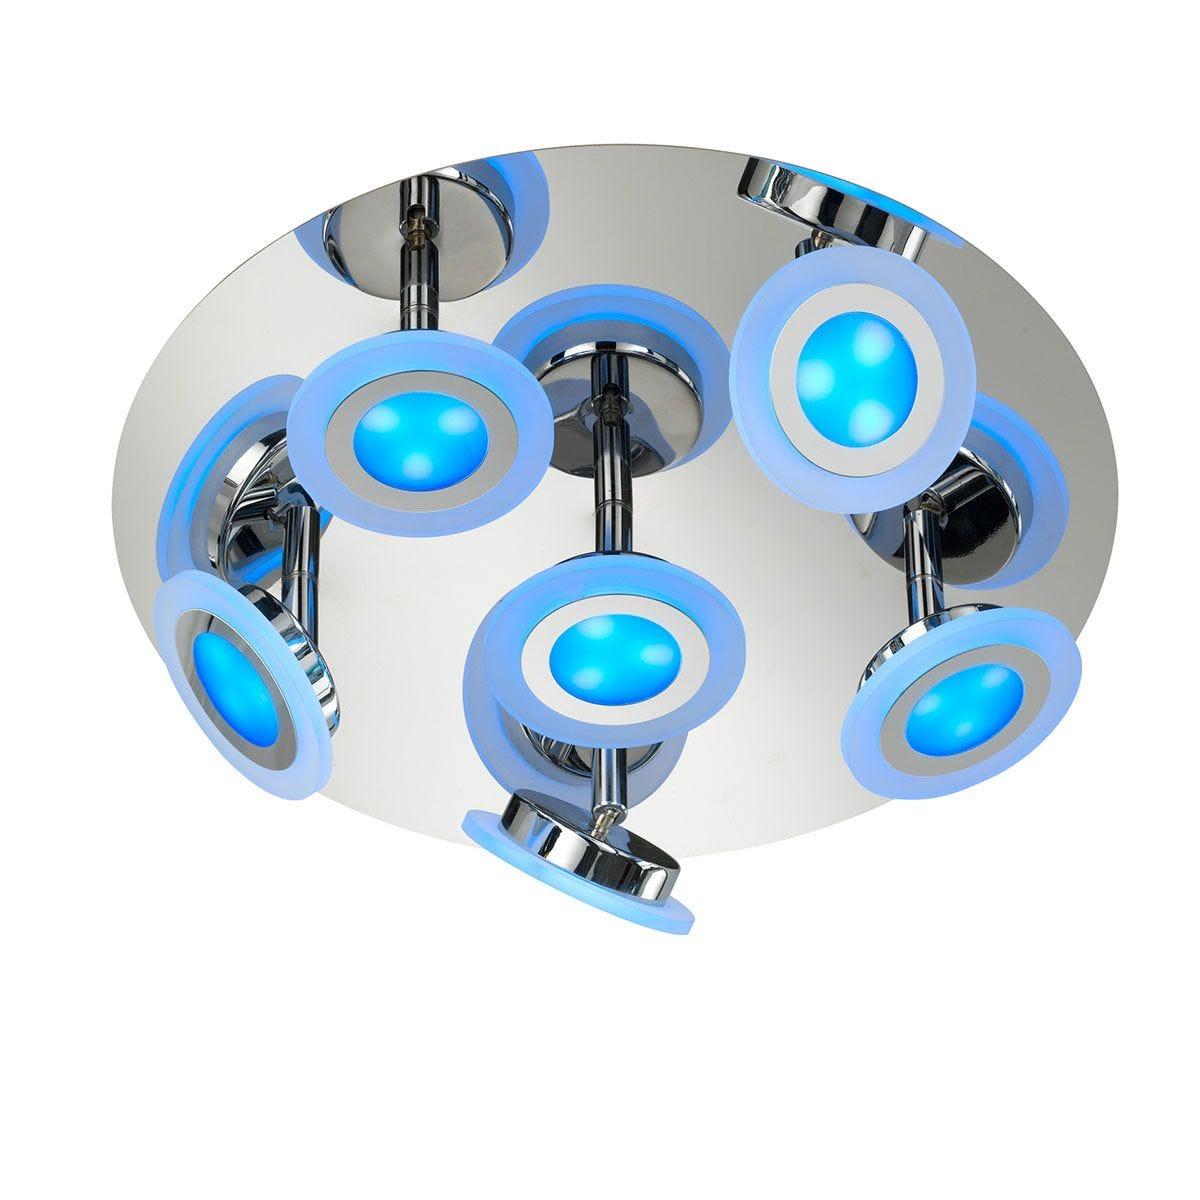 Wofi Gemma 6-LED Ceiling Lamp - Chrome